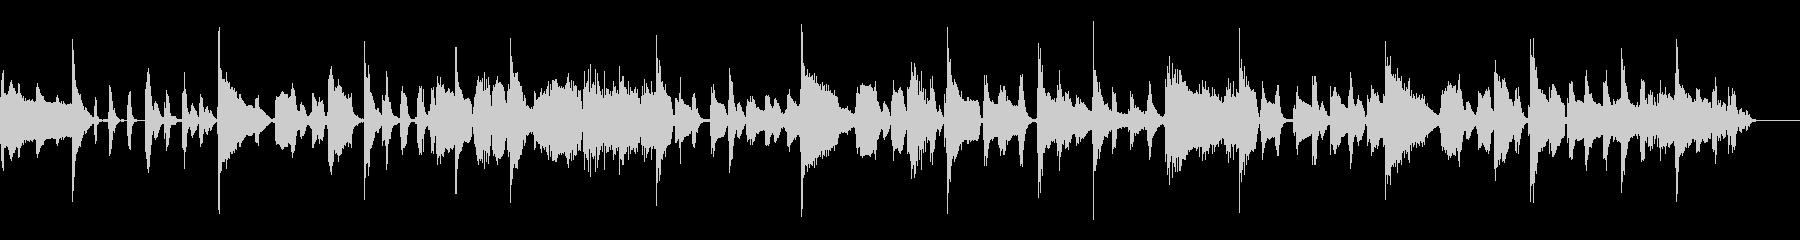 【15秒CM】チルムードファンク生演奏の未再生の波形